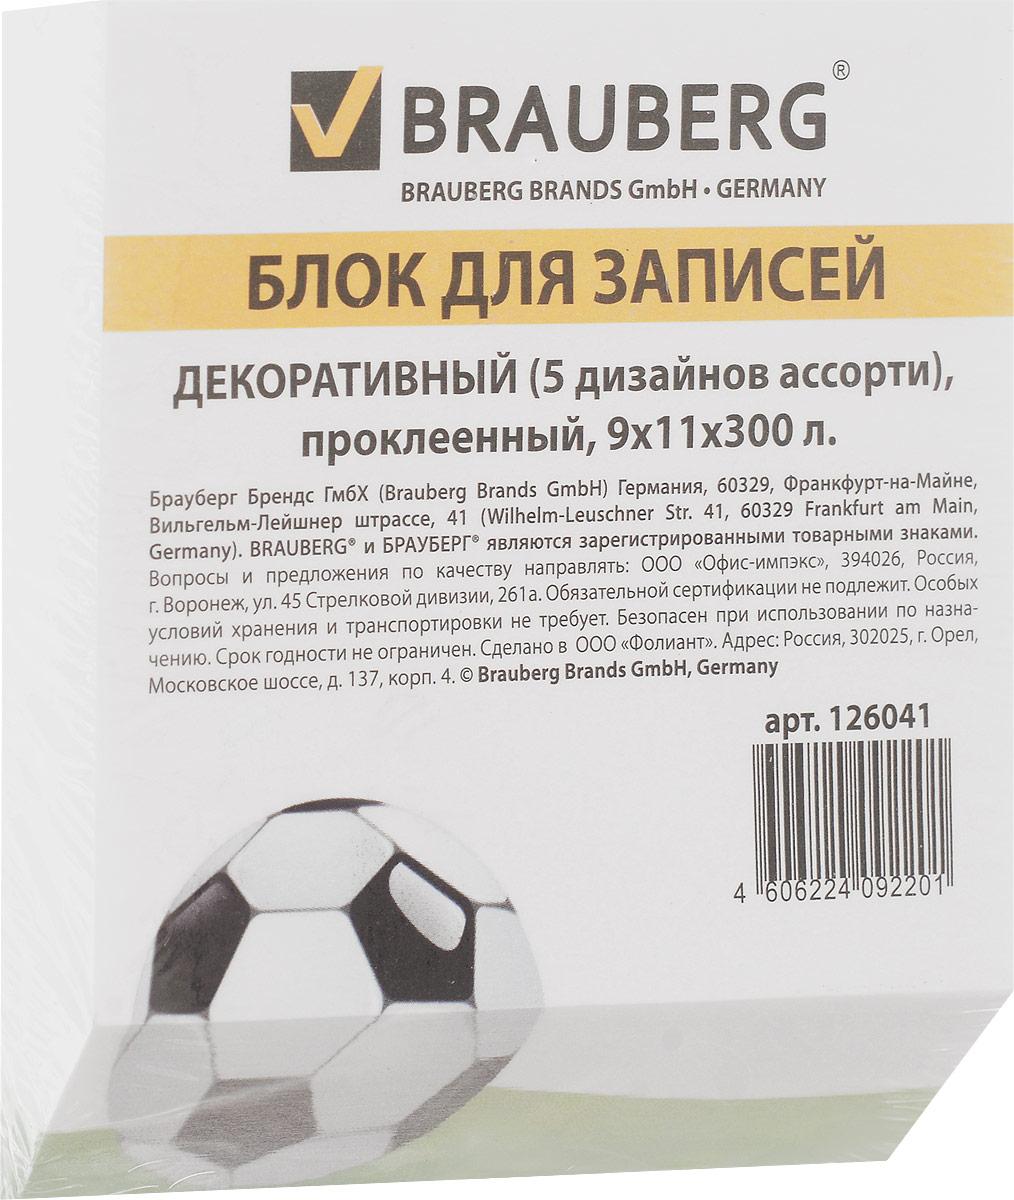 Brauberg Блок для записей Футбольный мяч 9 х 11 см 300 листов127521Блок для записей Brauberg изготовлен из высококачественной офсетной бумаги. Идеально подходит для быстрой фиксации информации. Благодаря яркой цветовой гамме, современному дизайну и оригинальной конструкции вносит в развитие ребенка яркую ноту.